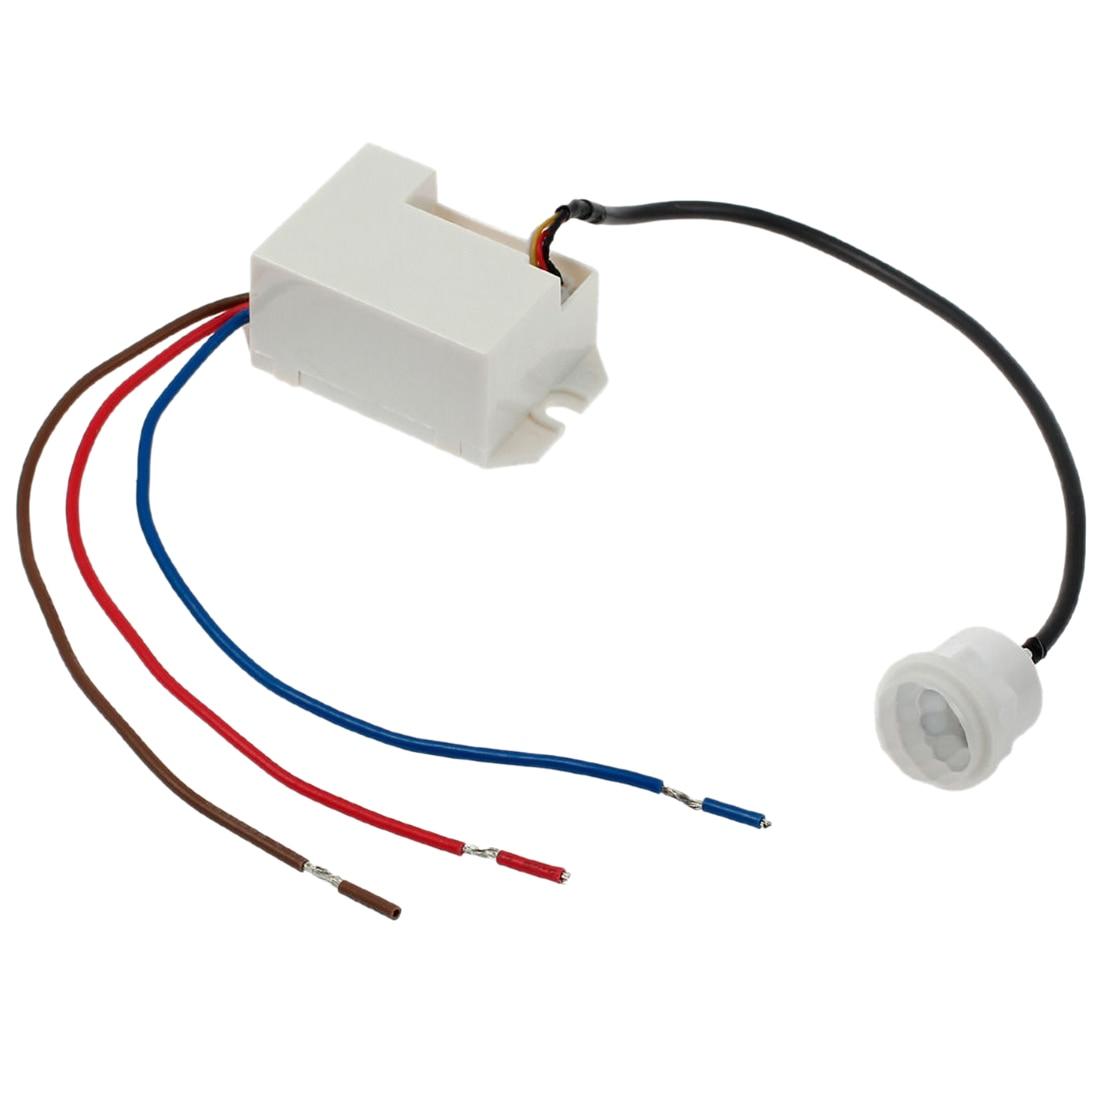 купить 360 Degree Recessed PIR Sensor Detector Ceiling Occupancy Motion Light Switch по цене 333.23 рублей